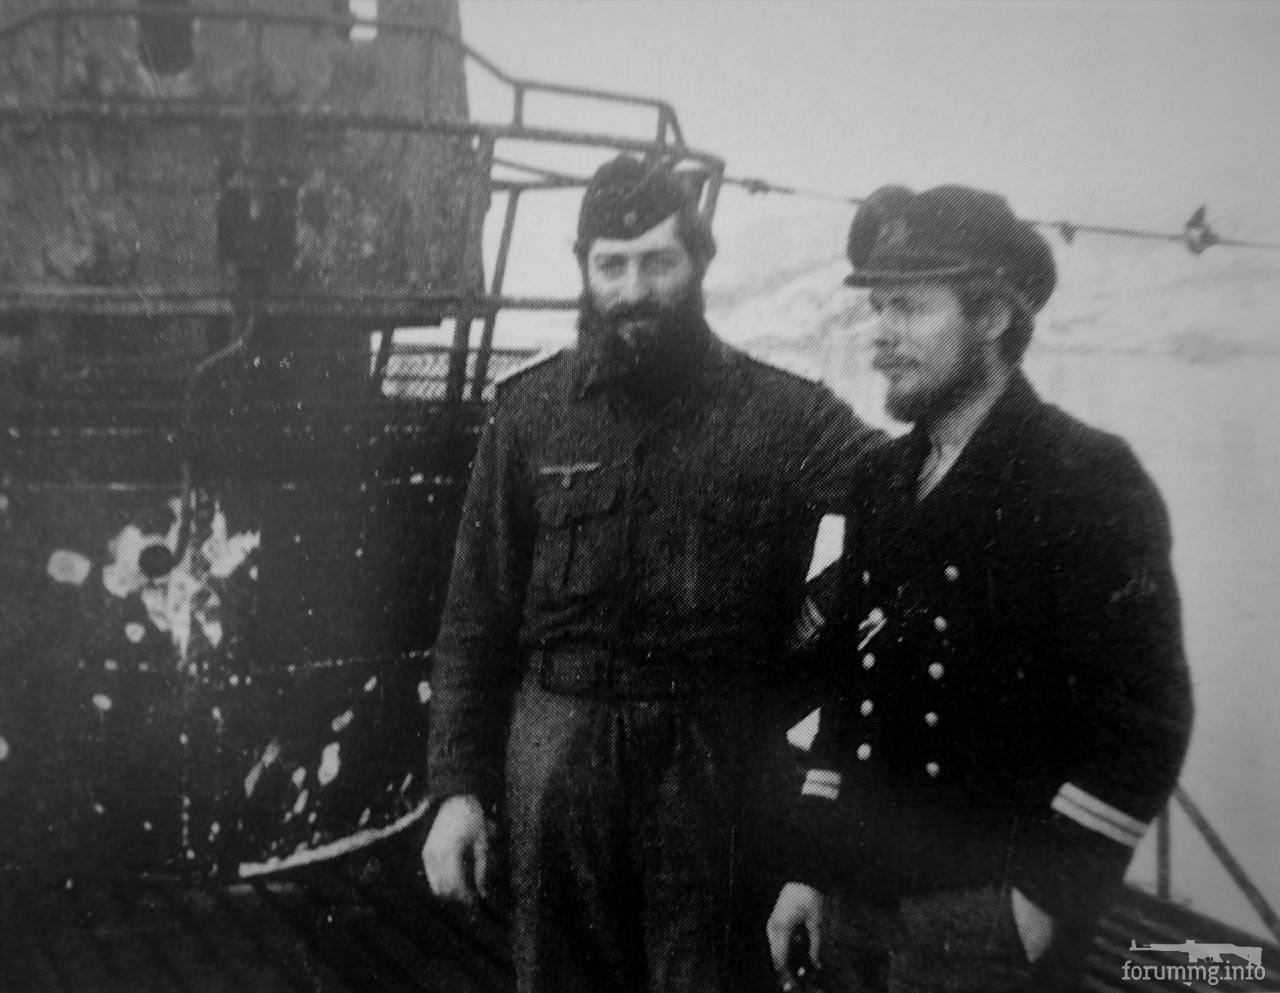 129008 - Февраль 1945 года. Кристиансанн, Норвегия.  Офицеры U-1230 (тип IX C/40) обер-лейтенанты цур зее Эдмунд Гюнтер и Георг Риббат на борту своей лодки после возвращения из первого похода к берегам США (8 октября 1944 - 13 февраля 1945 года).  В этом походе U-1230 под командованием капитан-лейтенанта Ханс Хильбига пришлось поучаствовать в секретной операции германских разведслужб. 29 ноября лодка высадила на побережье США в заливе Мэн двух агентов Эриха Гимпеля (1910-2010) и Уильяма Колпага (1918-2005). Им было поручено отправиться в США и добыть информацию о секретном Манхэттенскомпроекте — плане по созданию американской атомной бомбы. После высадки оба направились в Бостон, а оттуда — в Нью-Йорк. Вскоре Колпаг решил сдаться и обратился в ФБР. Его допрос помог арестовать очень опытного и осторожного Гимпеля.   Высадив агентов, U-1230 потопила в Атлантике 5500-тонный канадский сухогруз и благополучно вернулась на базу, пробыв в море 129 суток. Позднее лодка ушла на ремонт в Германию, где и застала конец войны.